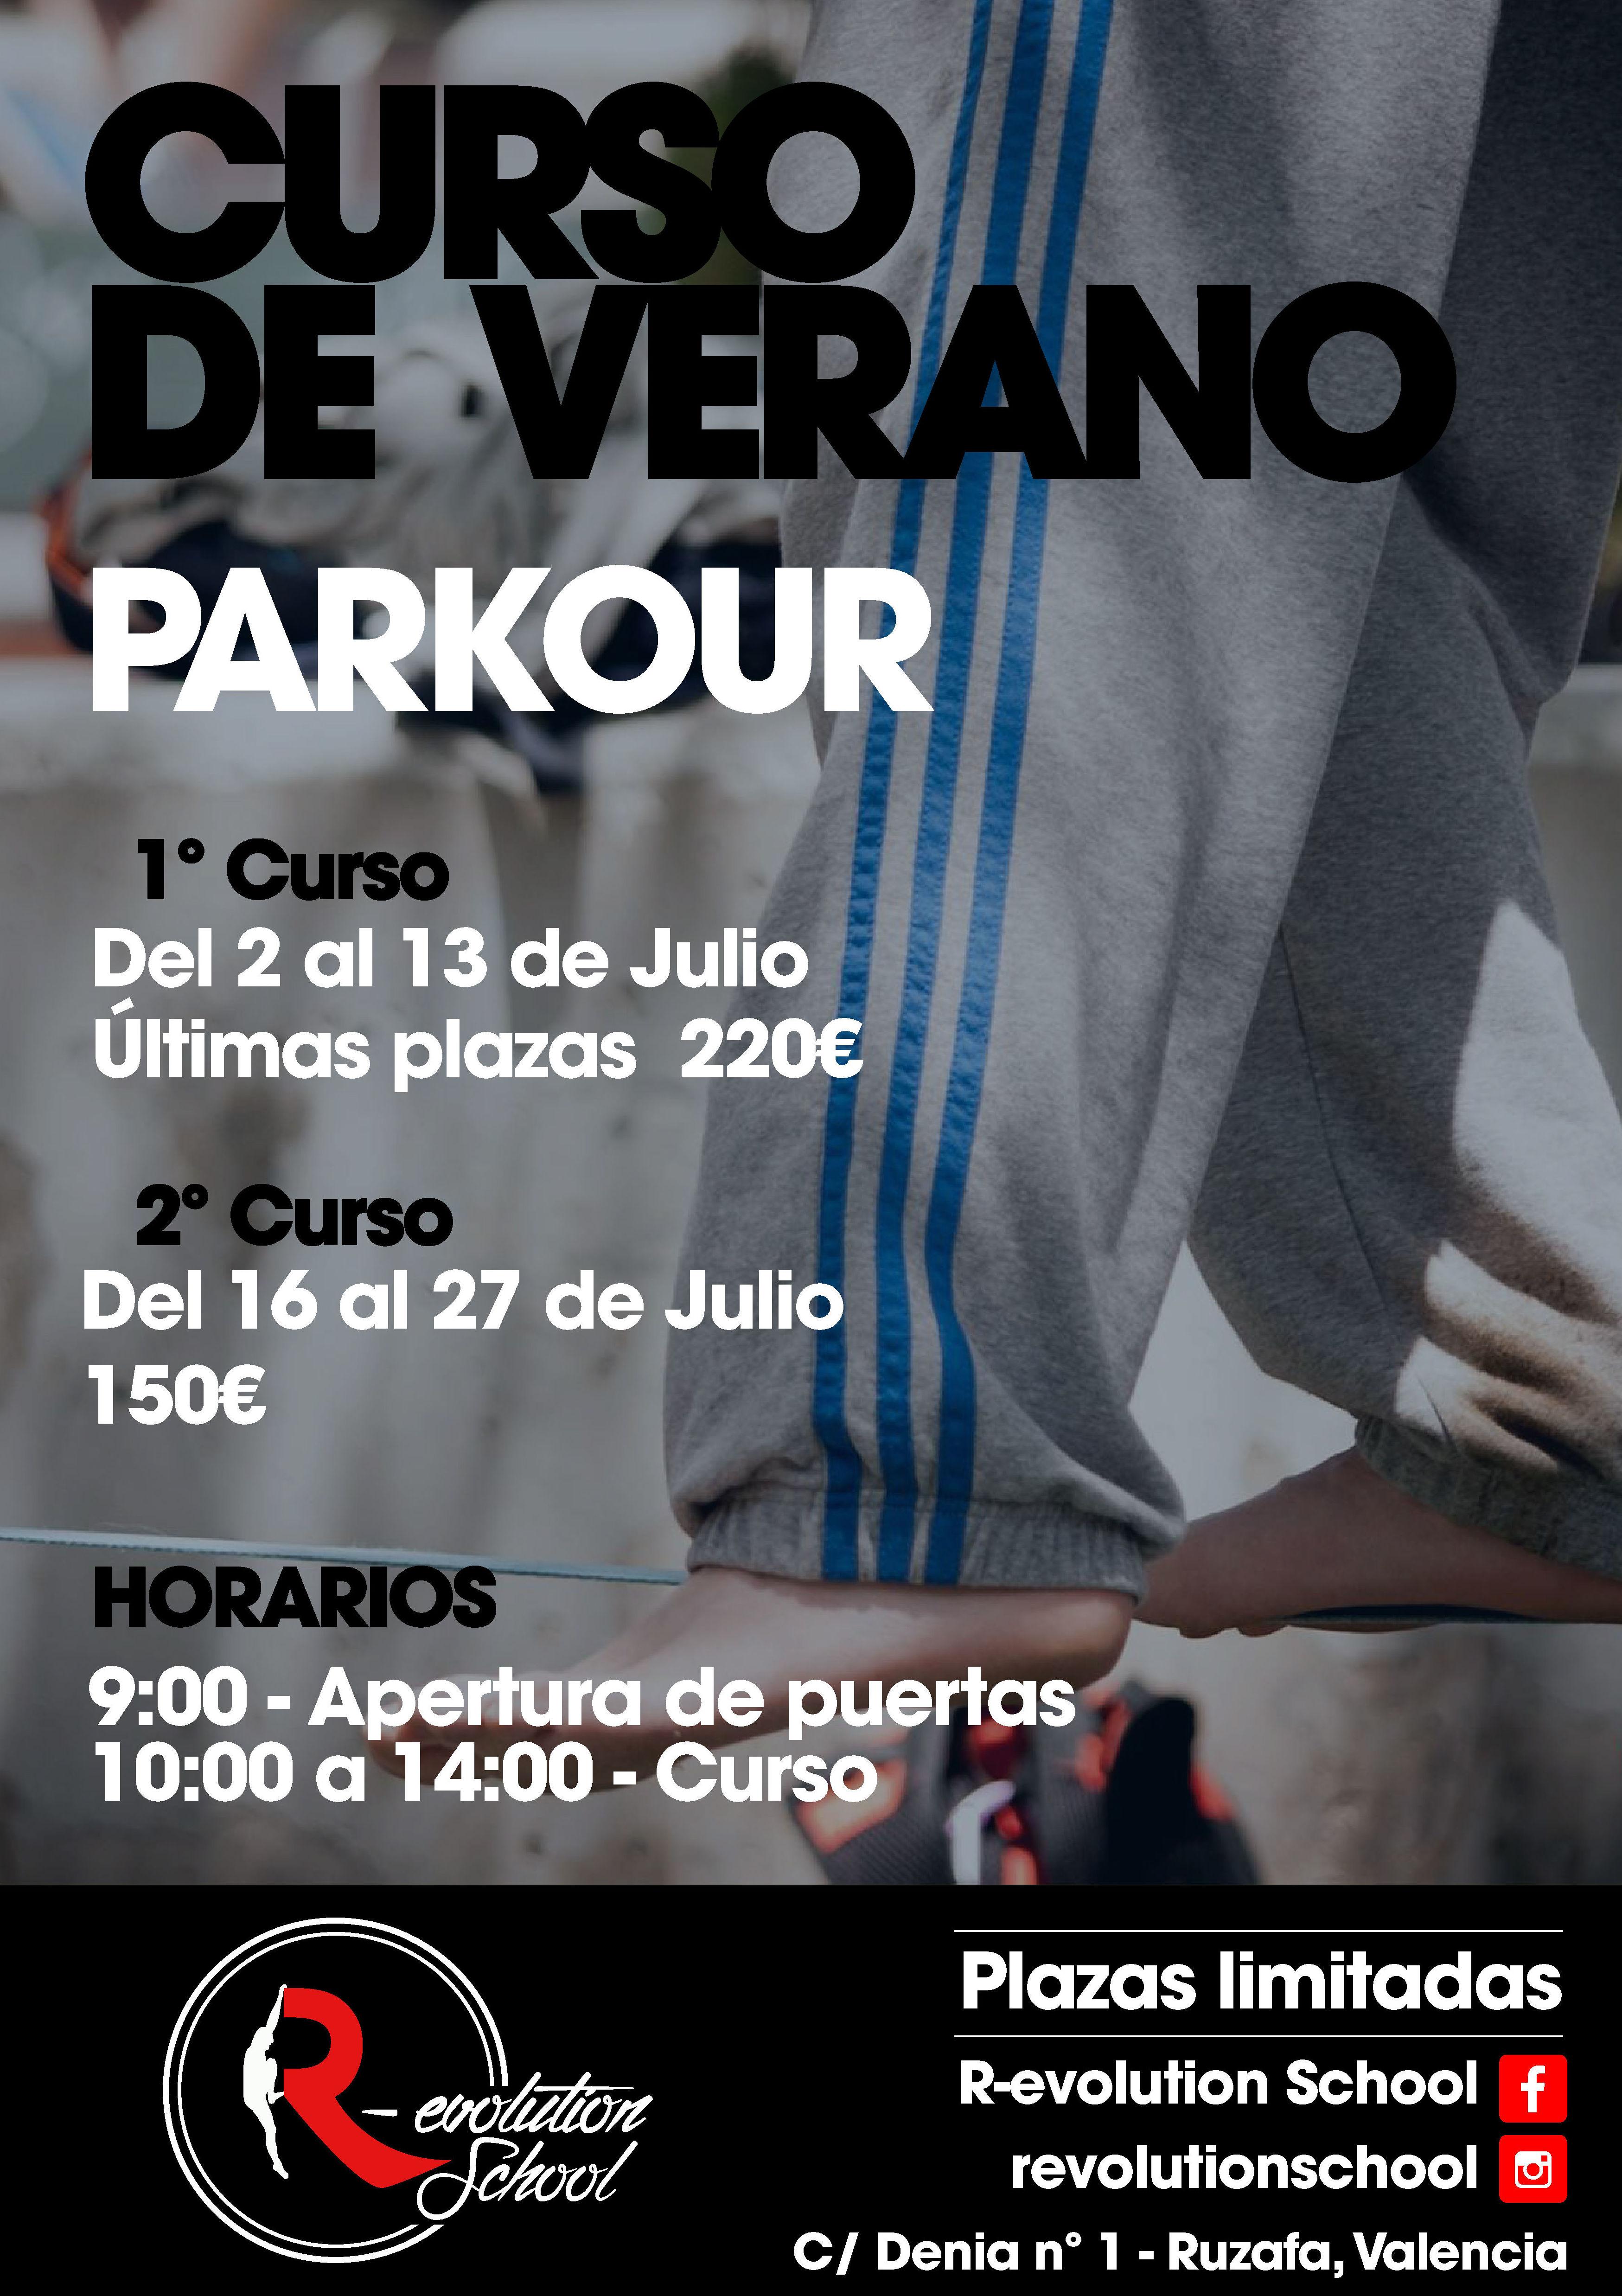 Cursos verano Parkour Valencia